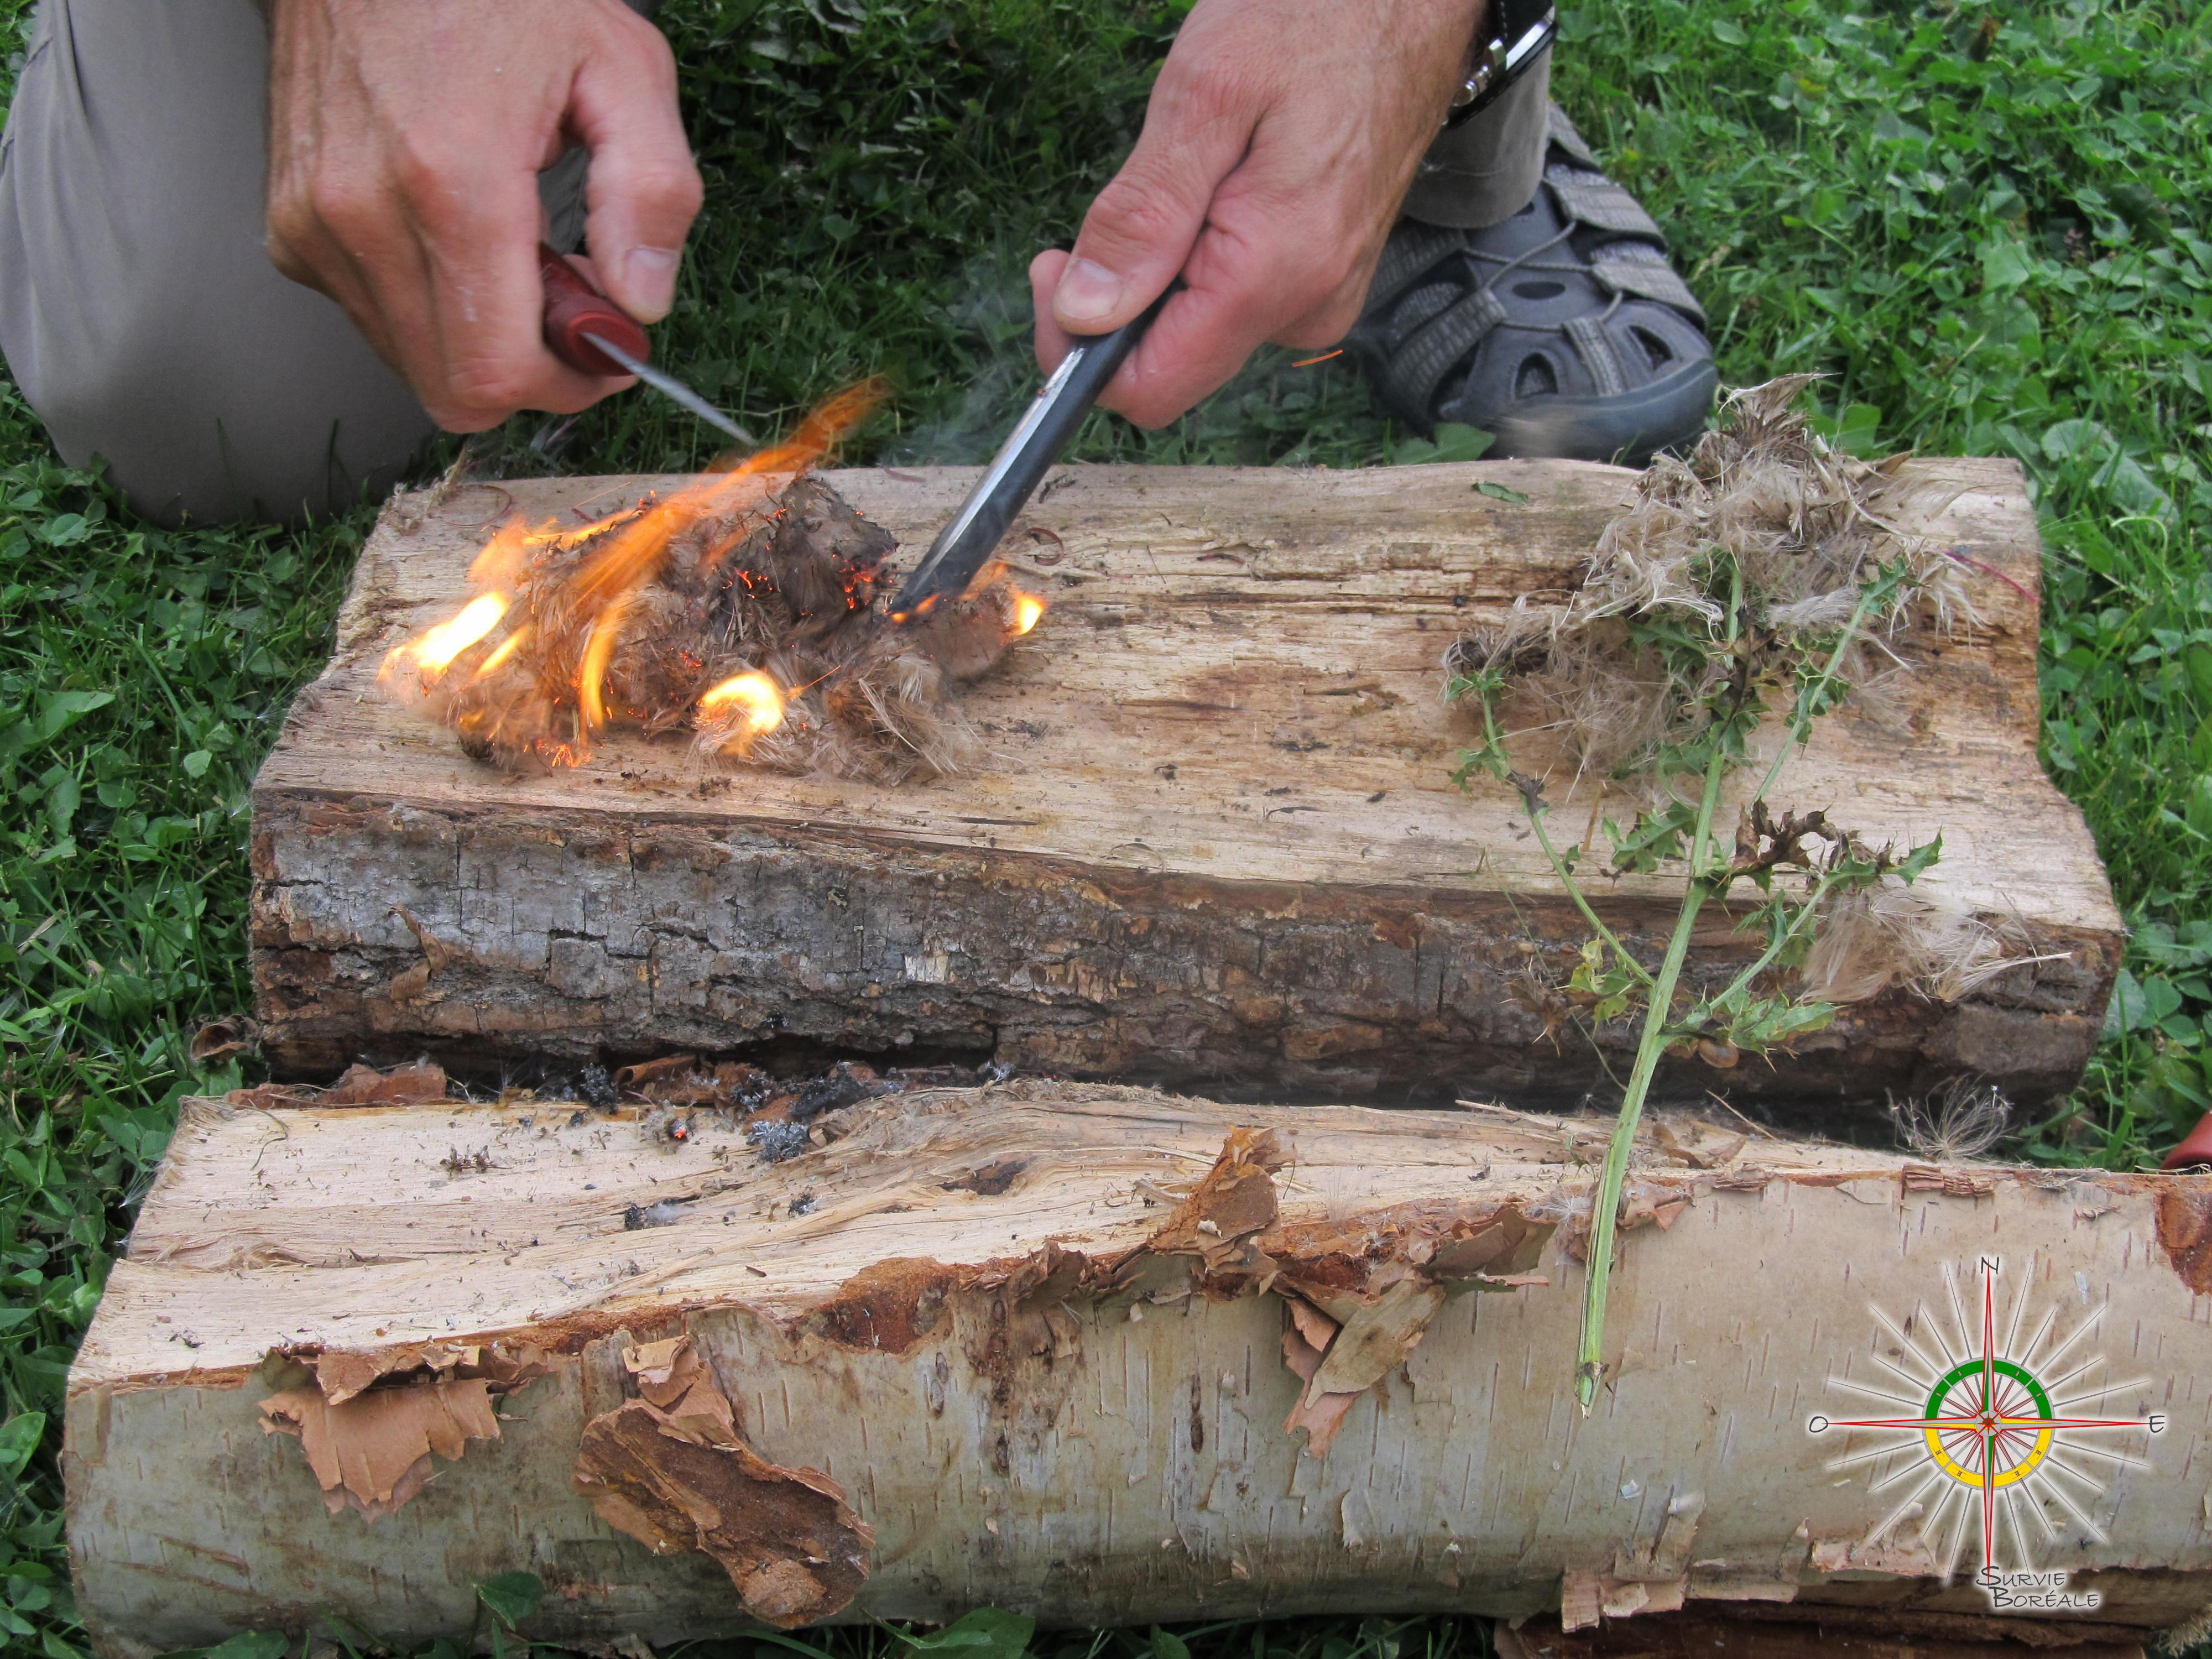 10 comte-juste Pull /& Spark pour enflammer! Amadou-Quik survie feu de départ onglets